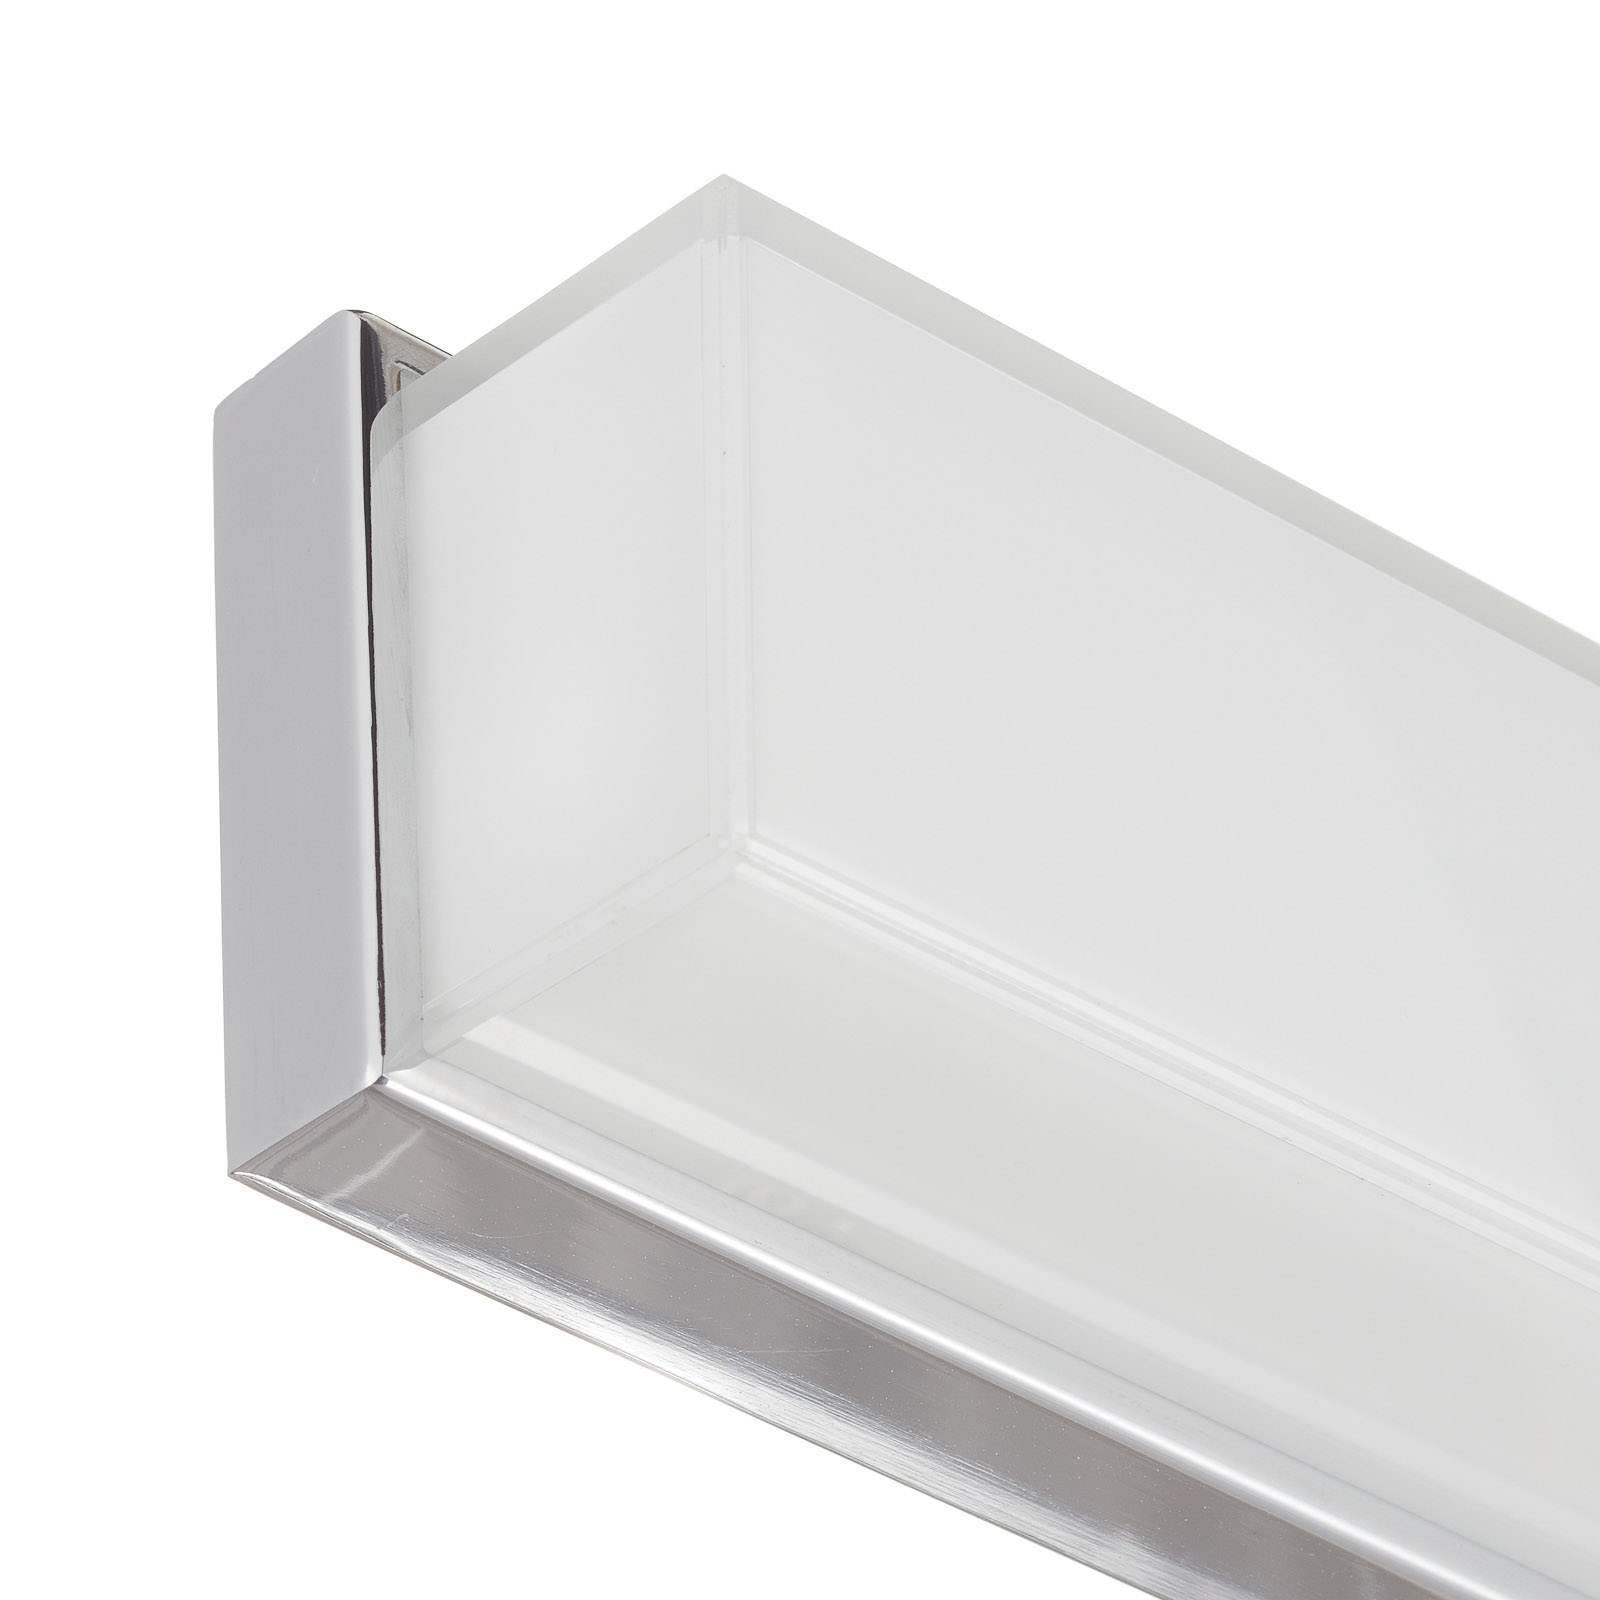 Helestra Cosi aplique LED cromo altura 31 cm